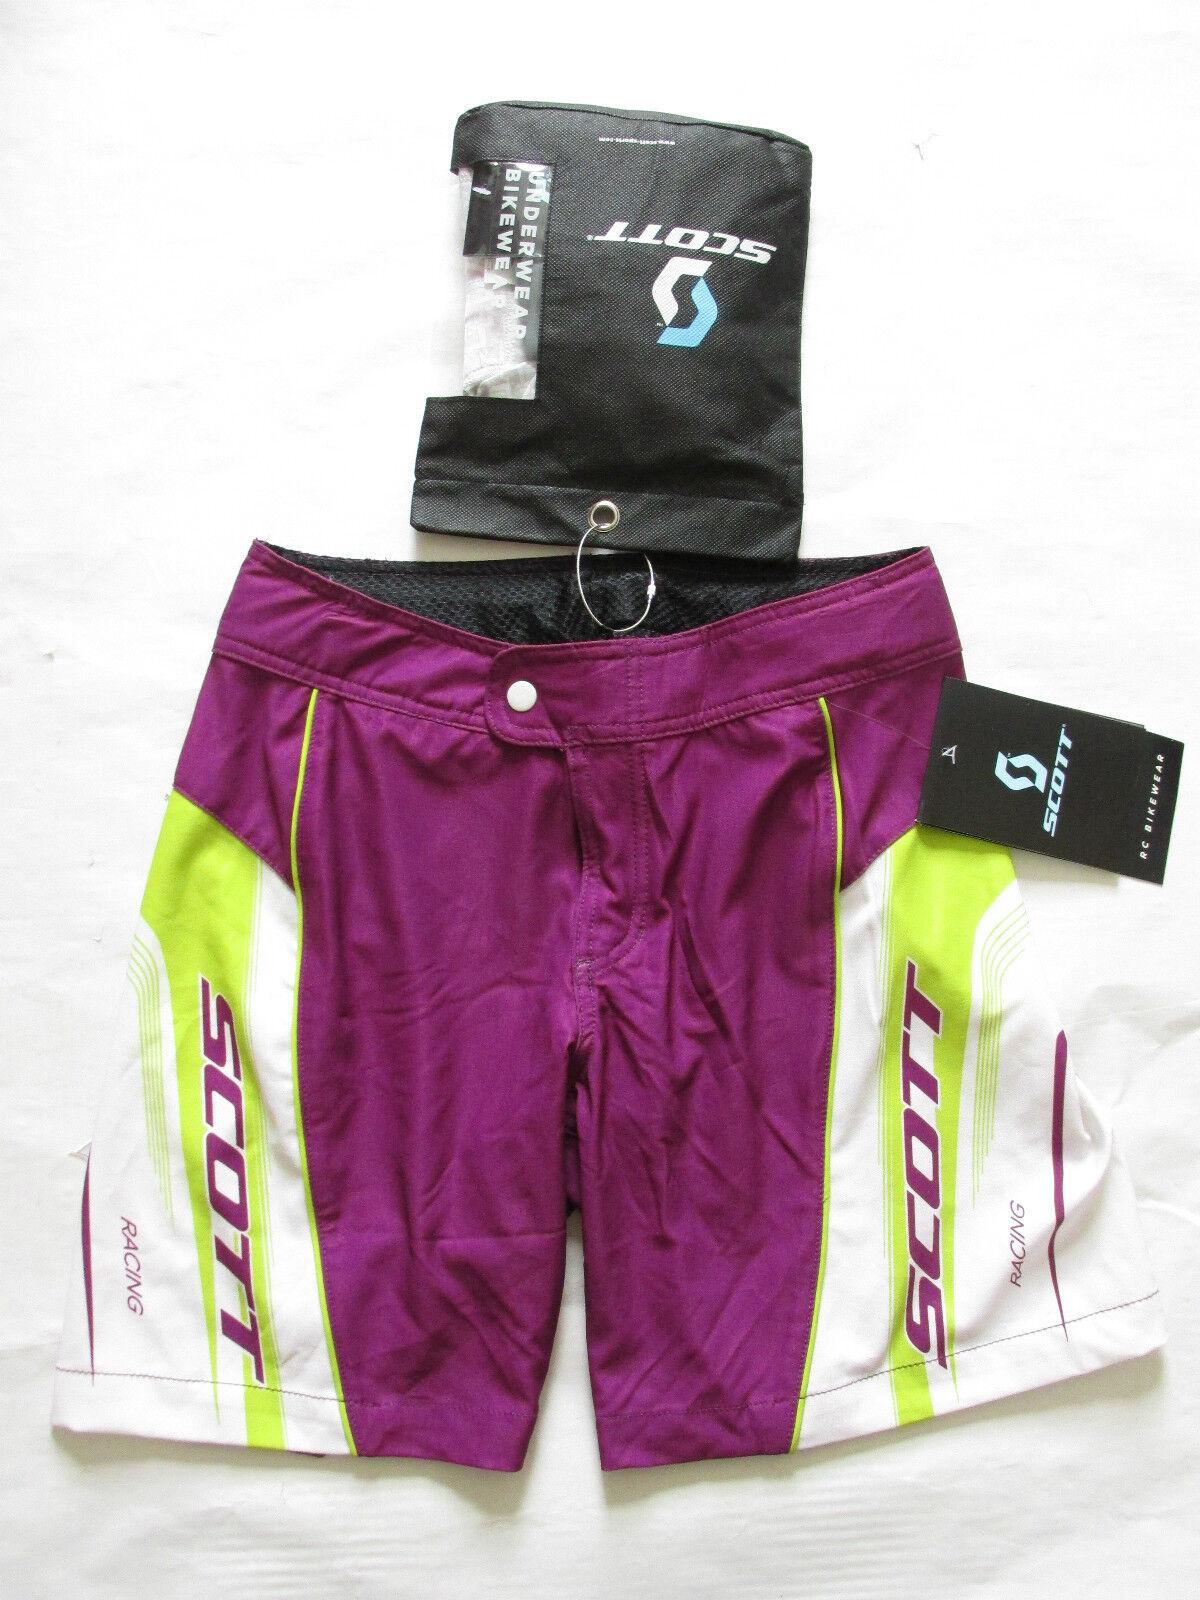 Scott Ropa Ciclismo Mujer RC  Ajuste Holgado Pantalones Cortos con Acolchado  salida